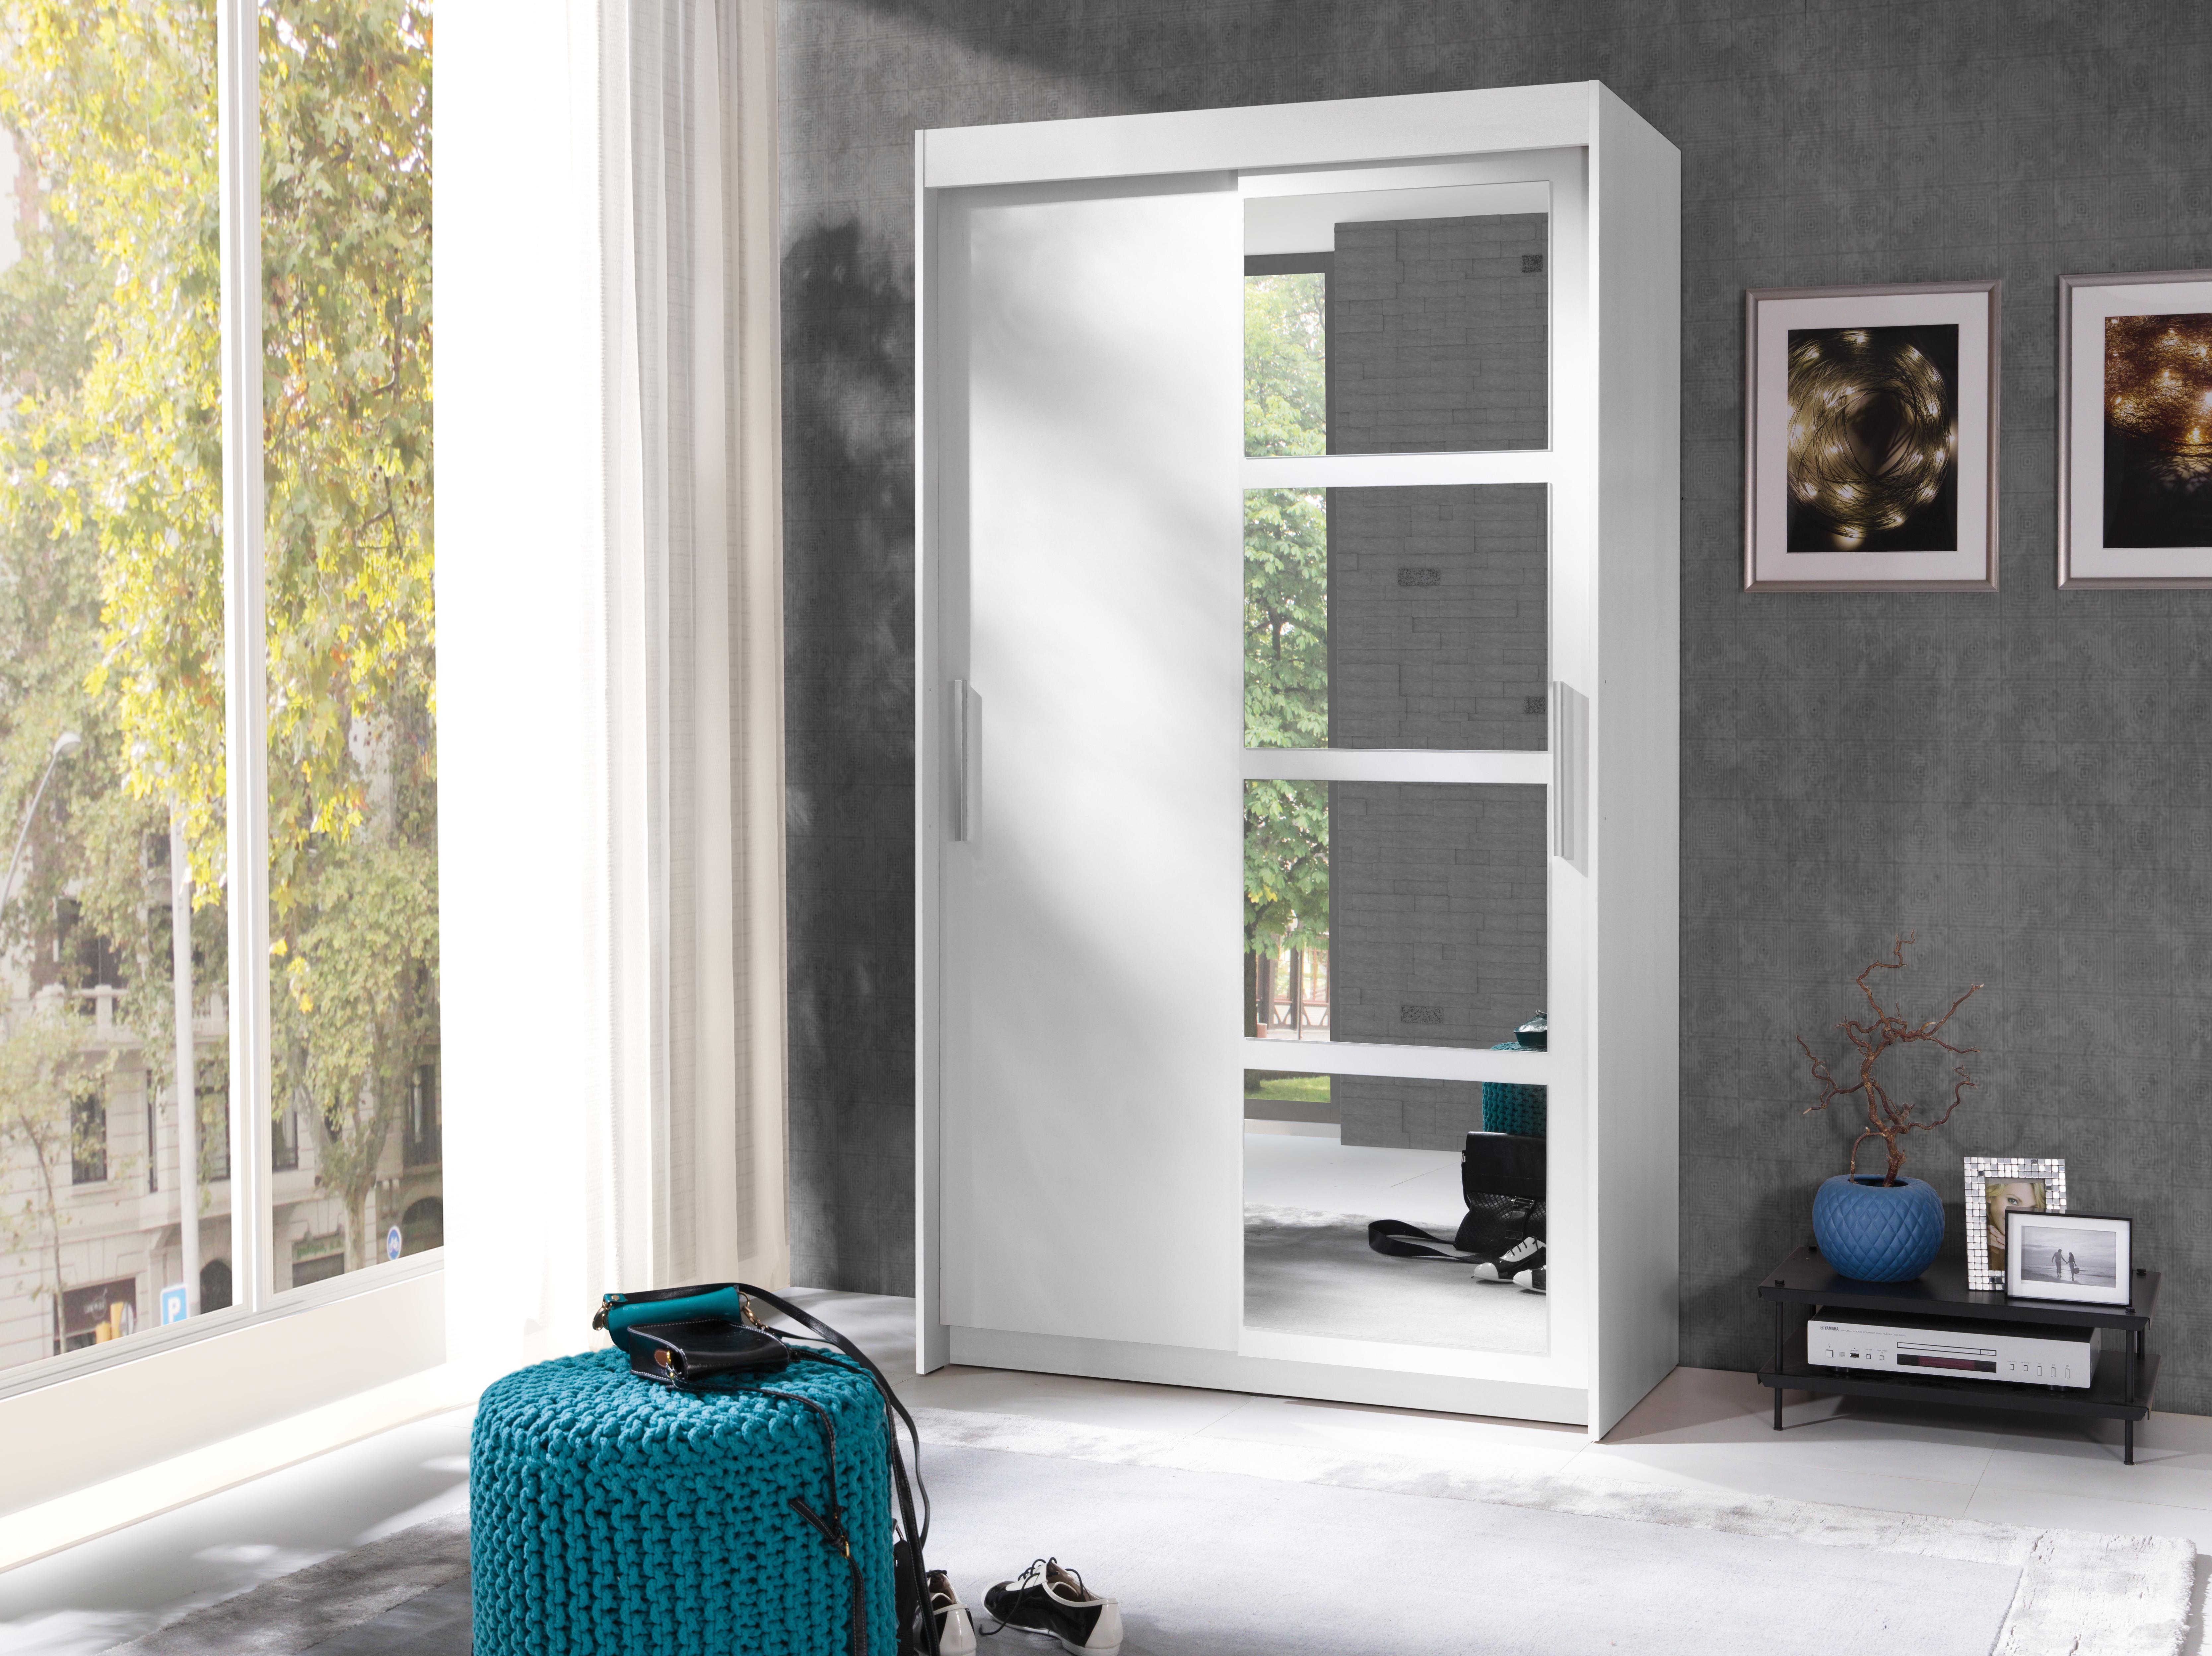 Šatní skříň - Norham (bílá)